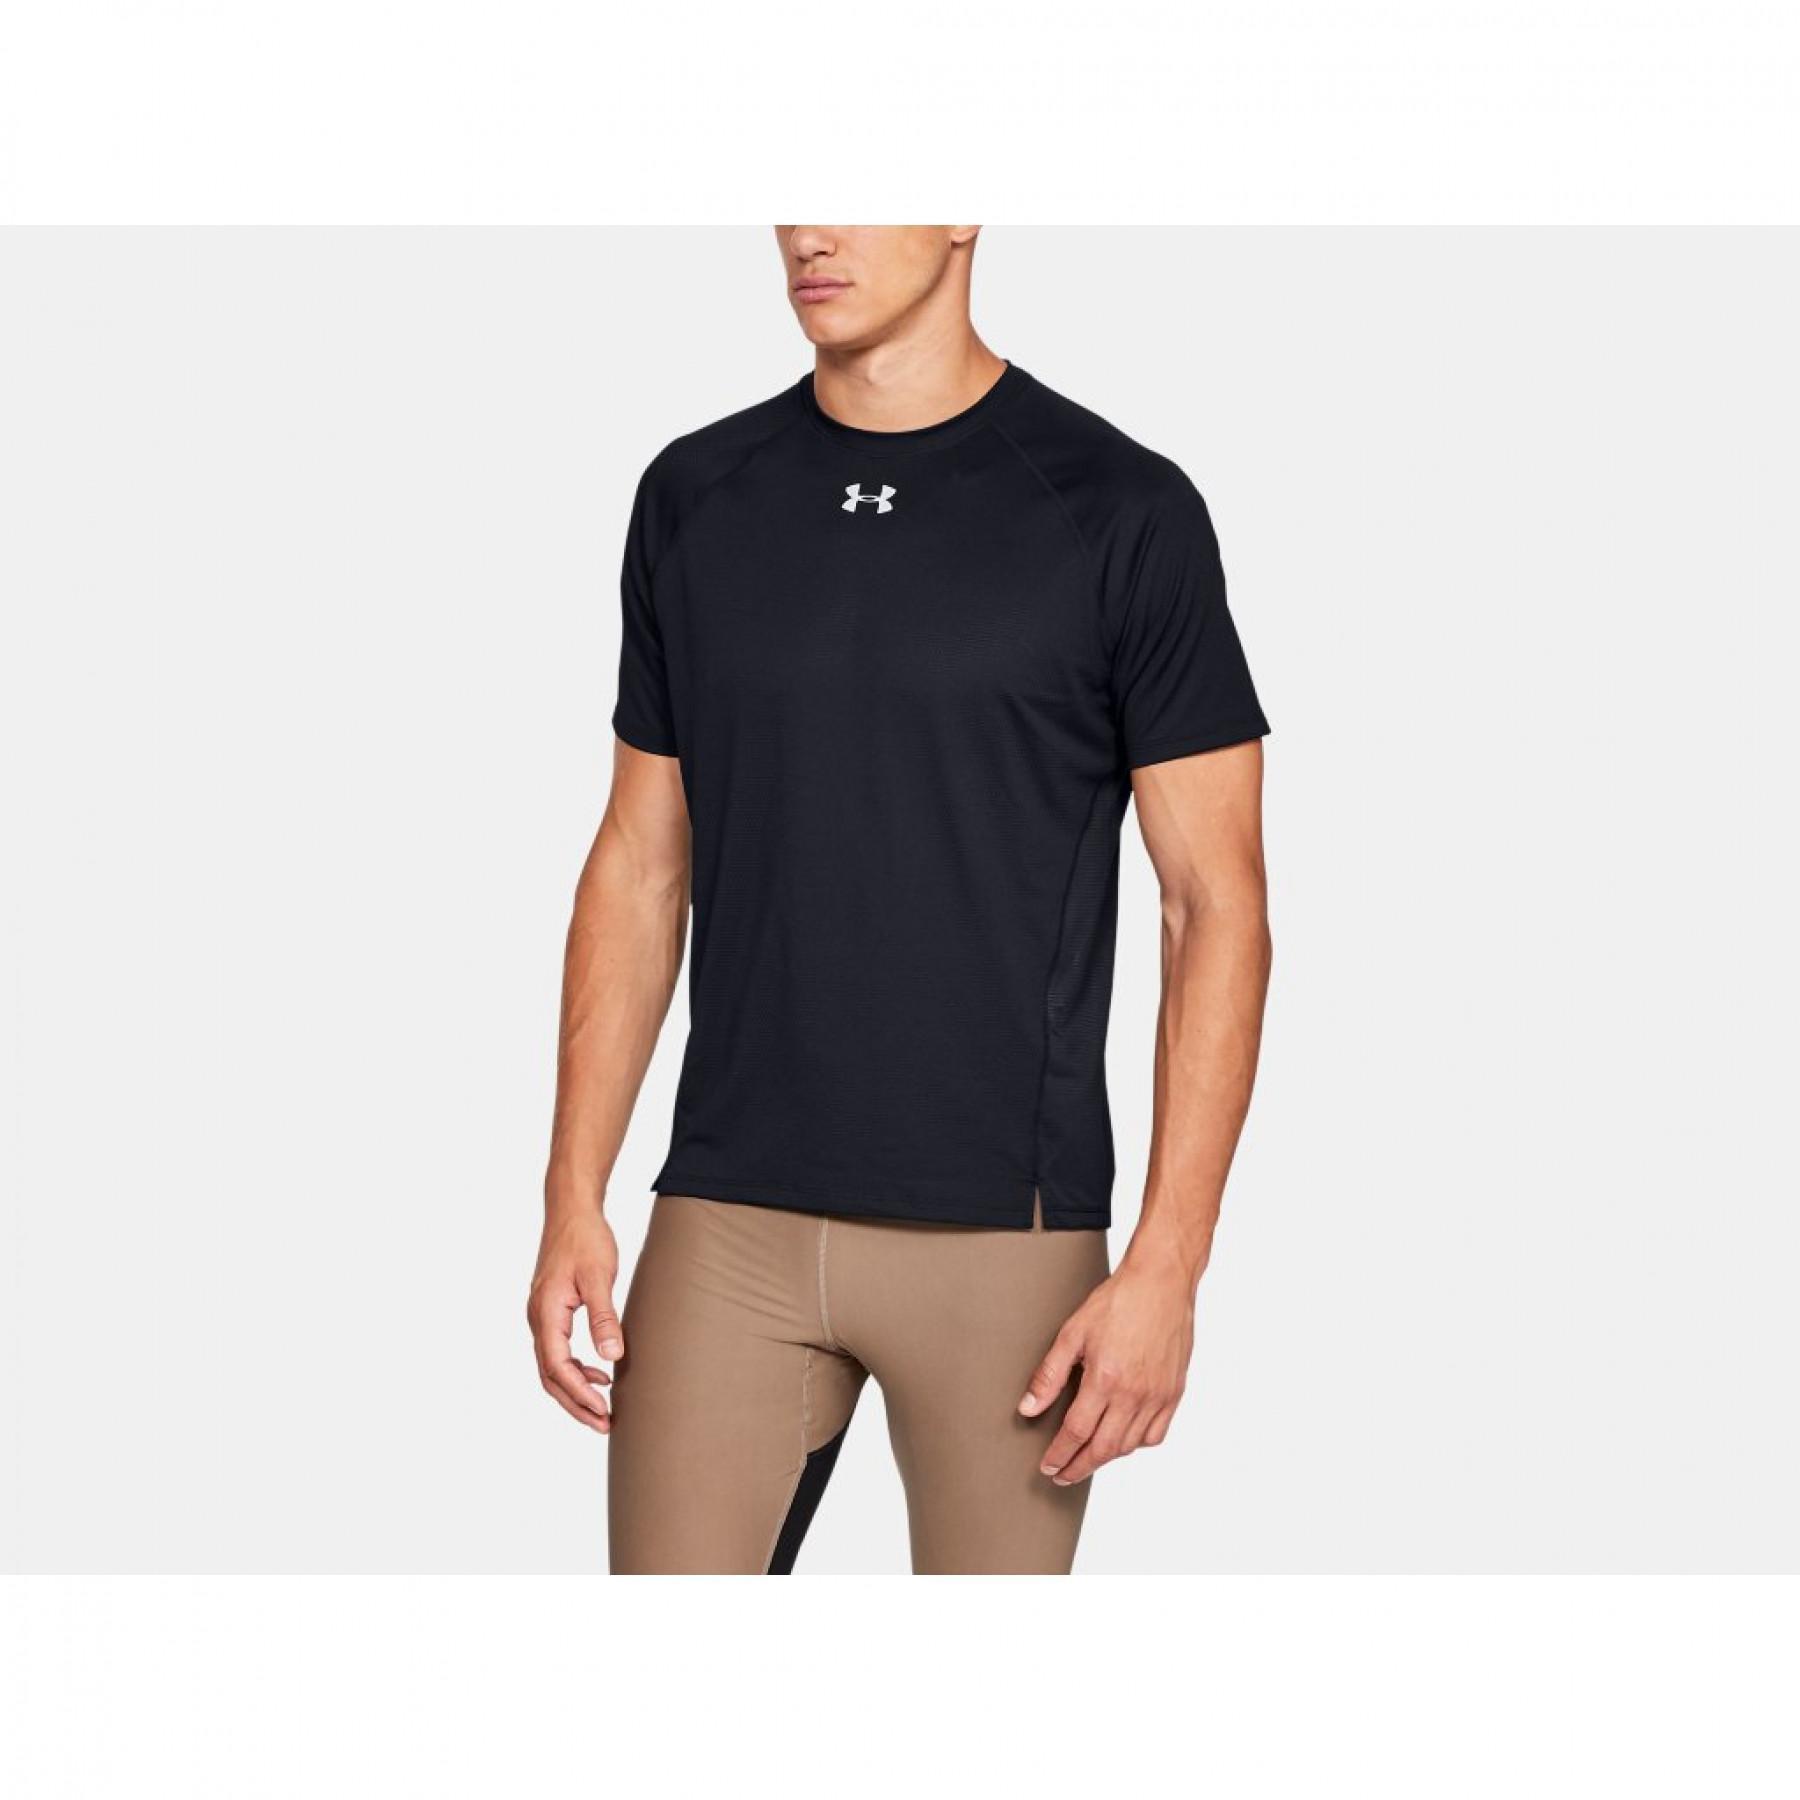 Under Armour Qualifier HexDelta T-shirt